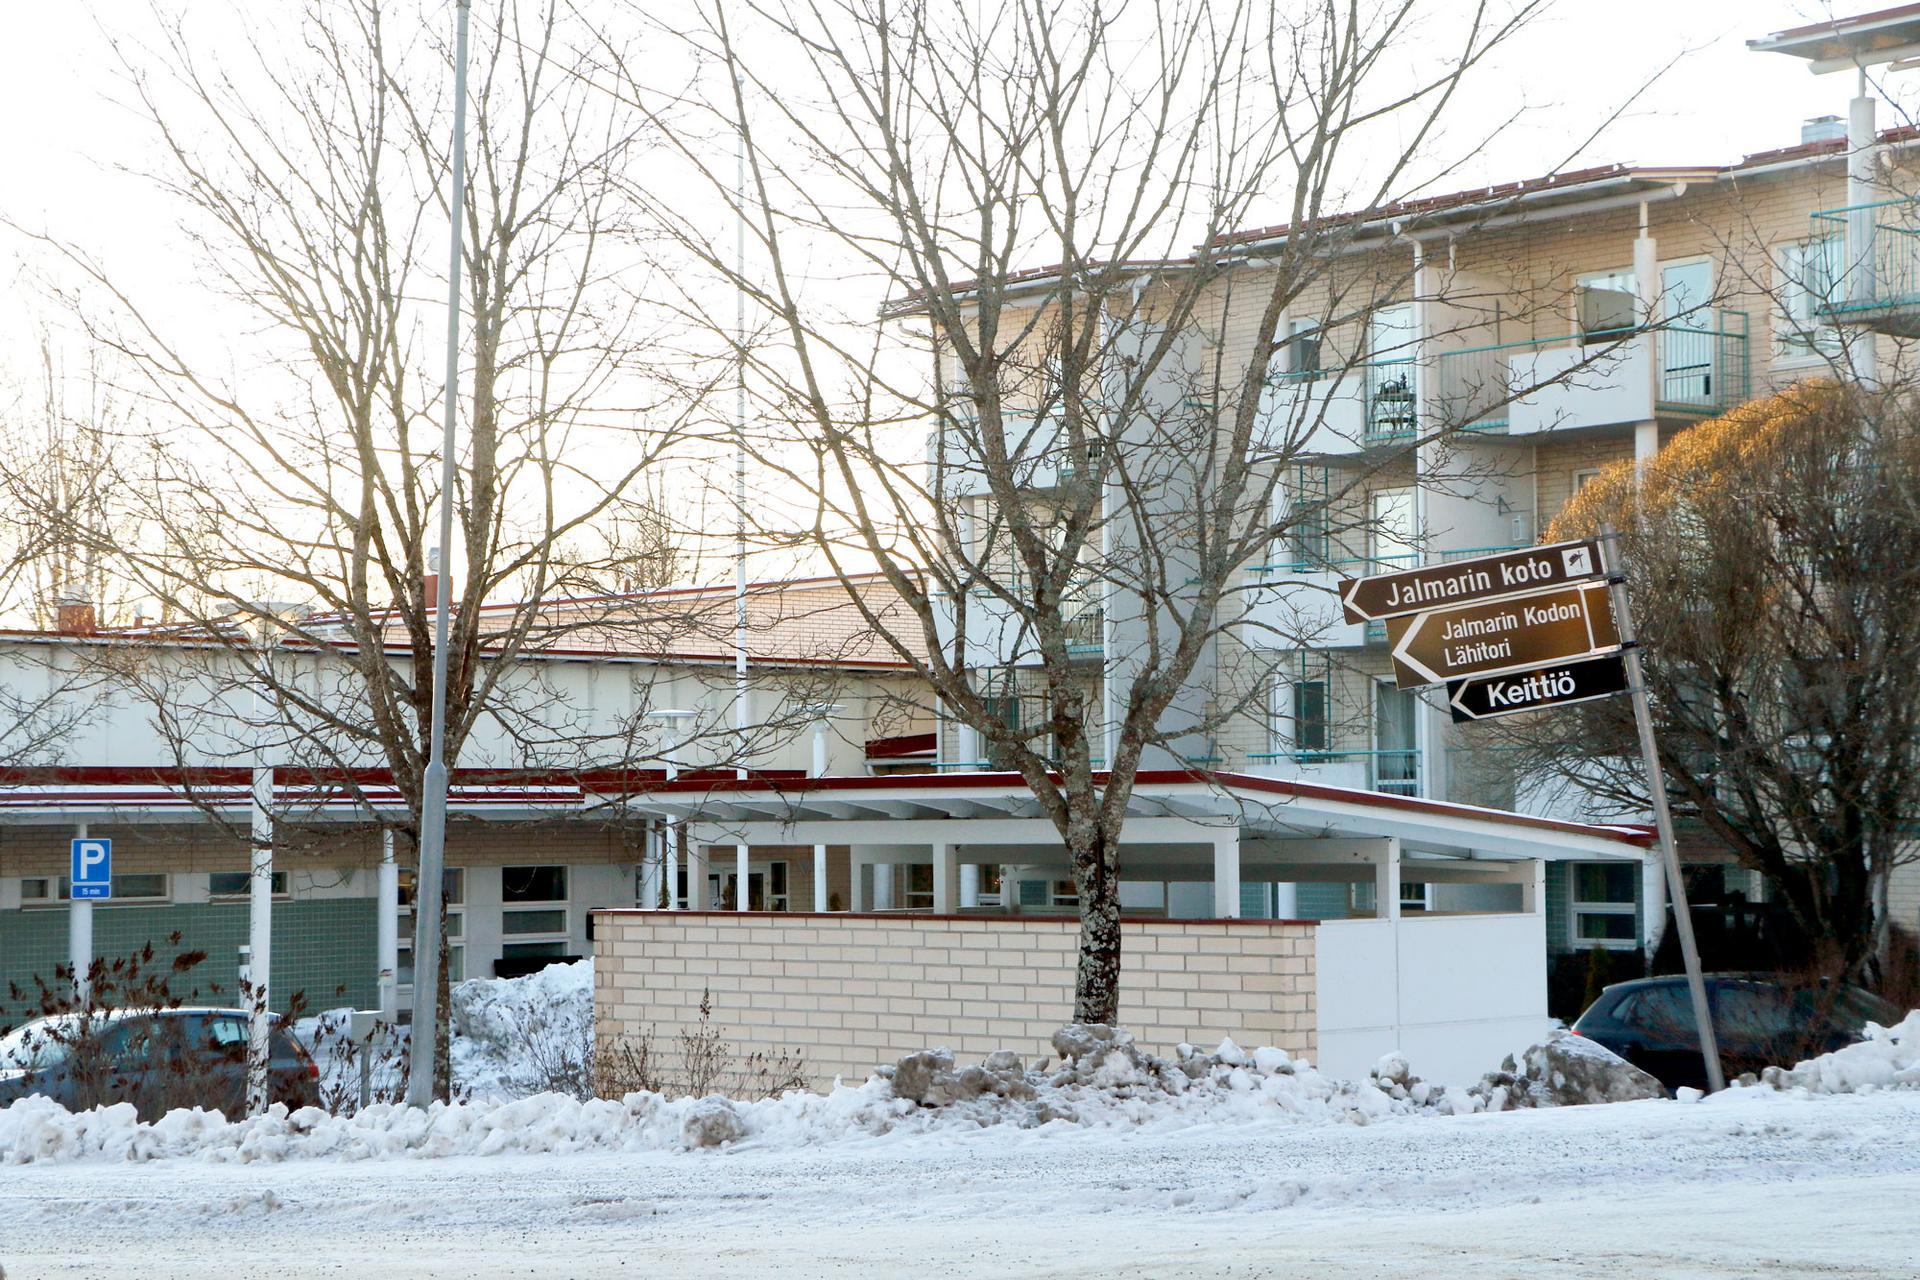 Kangasalan palvelutalosäätiö yksi tahoista, jolta Kangasalan kaupunki ja yhteistoiminta-alue ostaa tehostettua palveluasumista ikäihmisille.